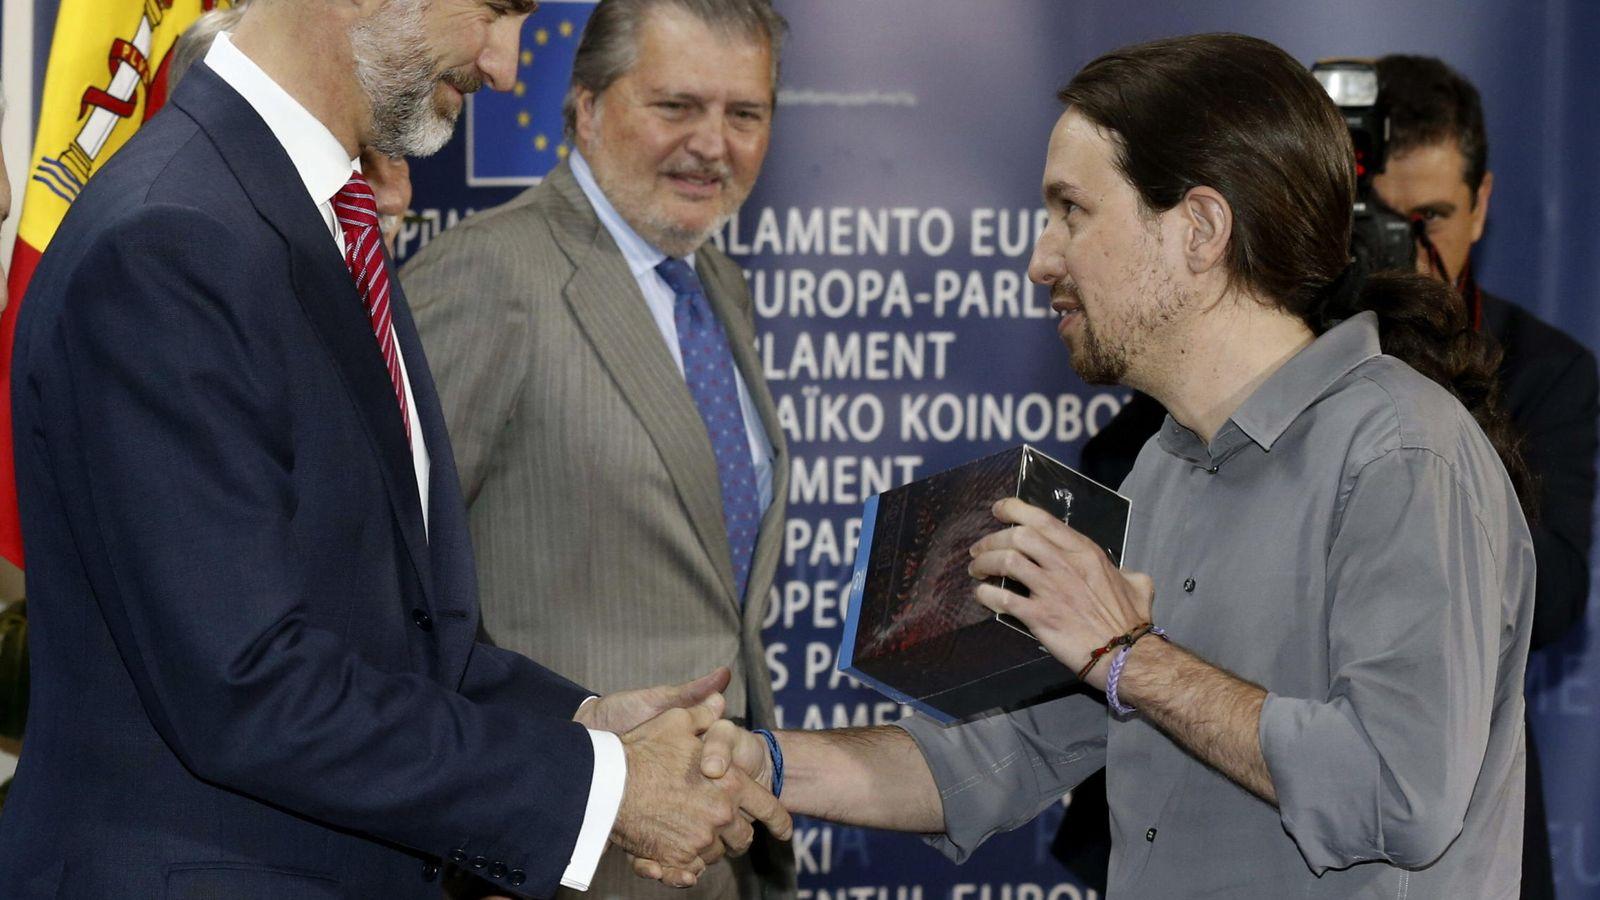 Foto: El regalo de 'Juego de Tronos' al monarca, ¿buena o mala táctica? (EFE/Sergio Barrrenechea)